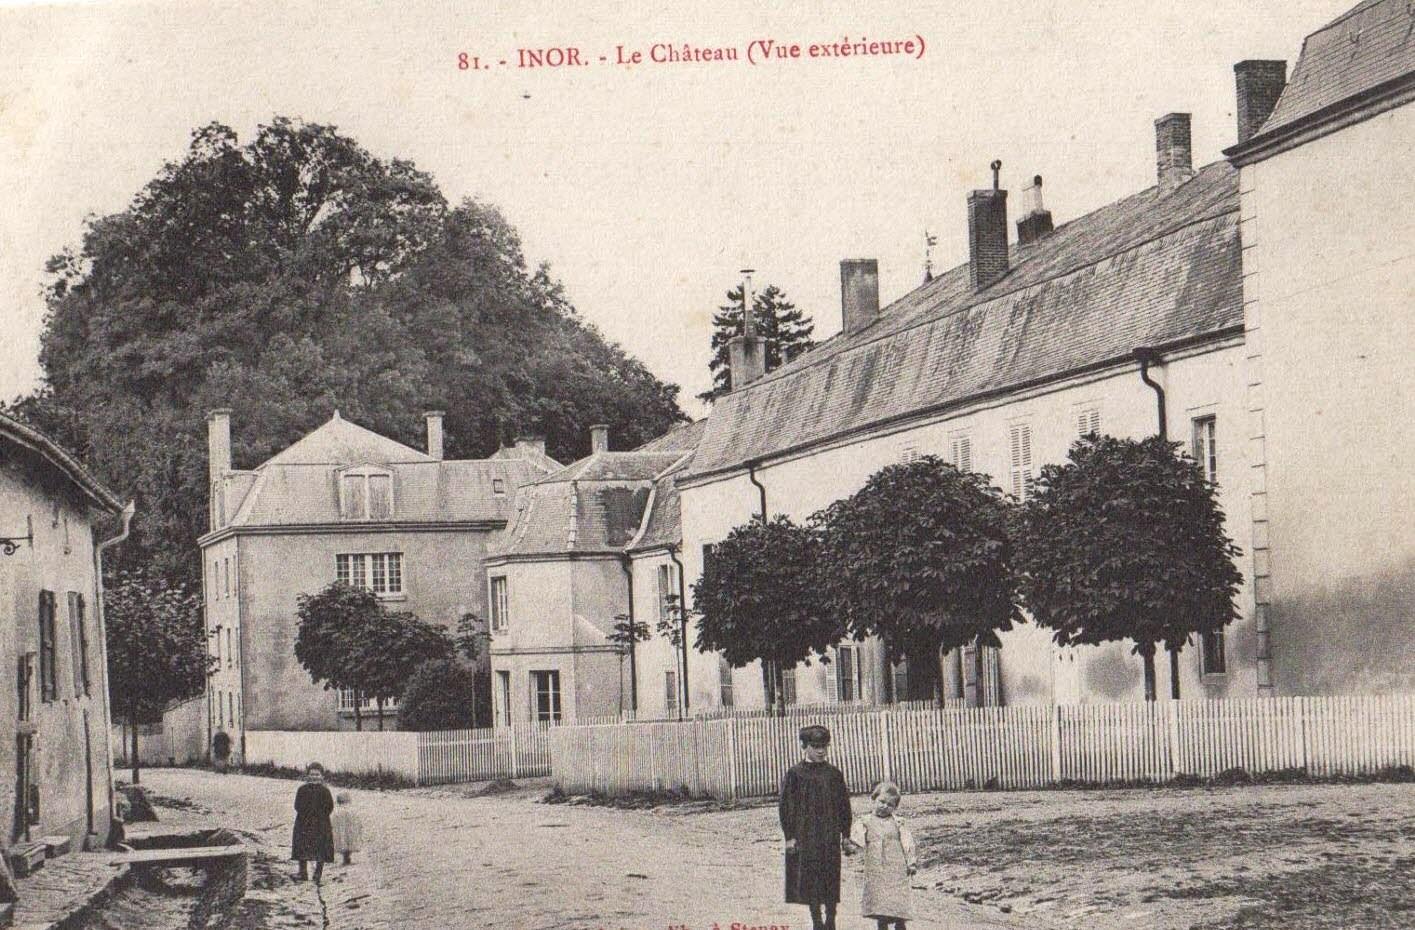 Château d'Inor siège d'un important complexe hospitalier allemand